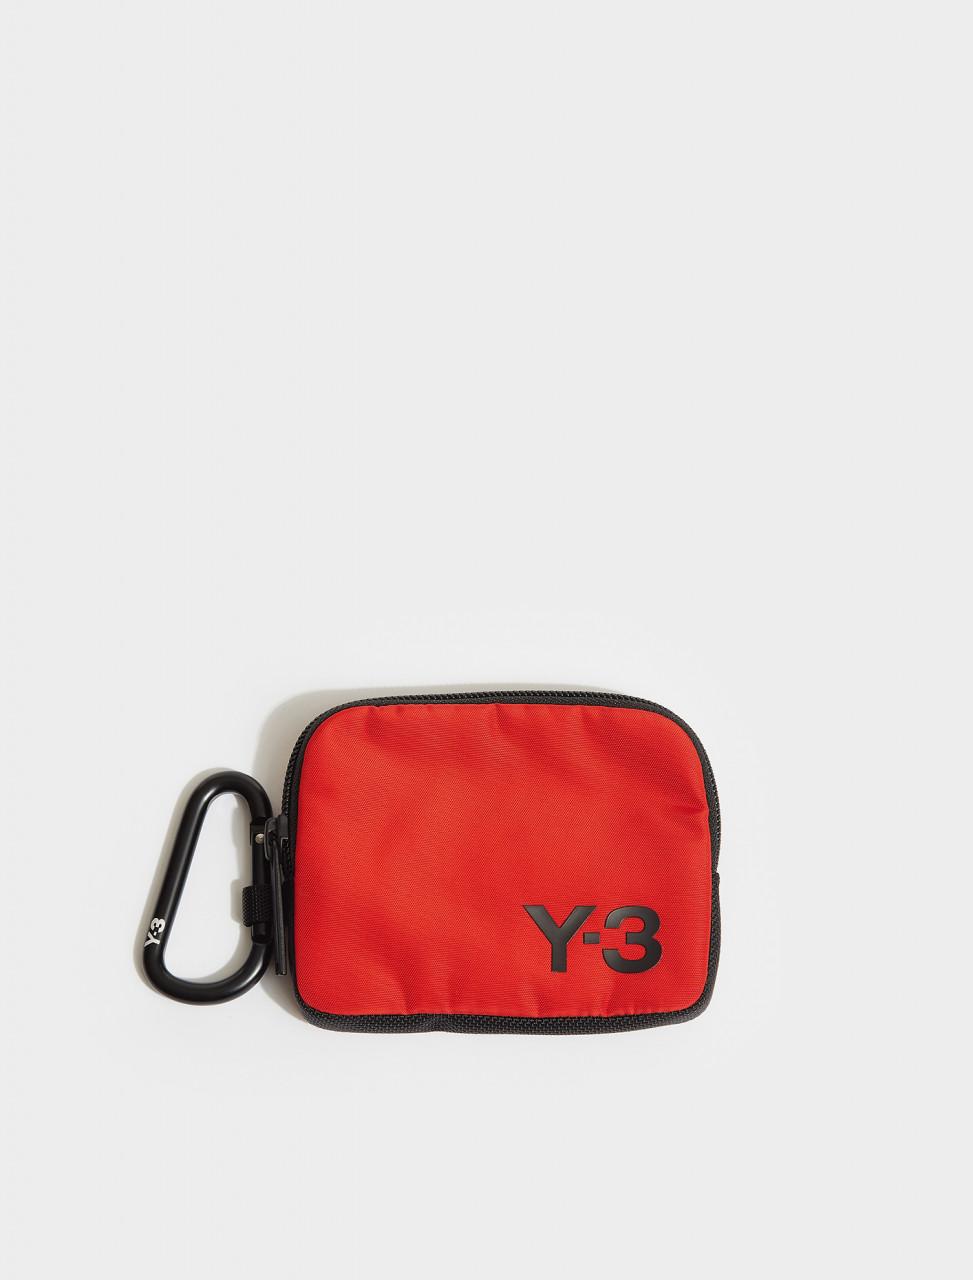 165-FS2366 Y-3 LOGO POUCH RED